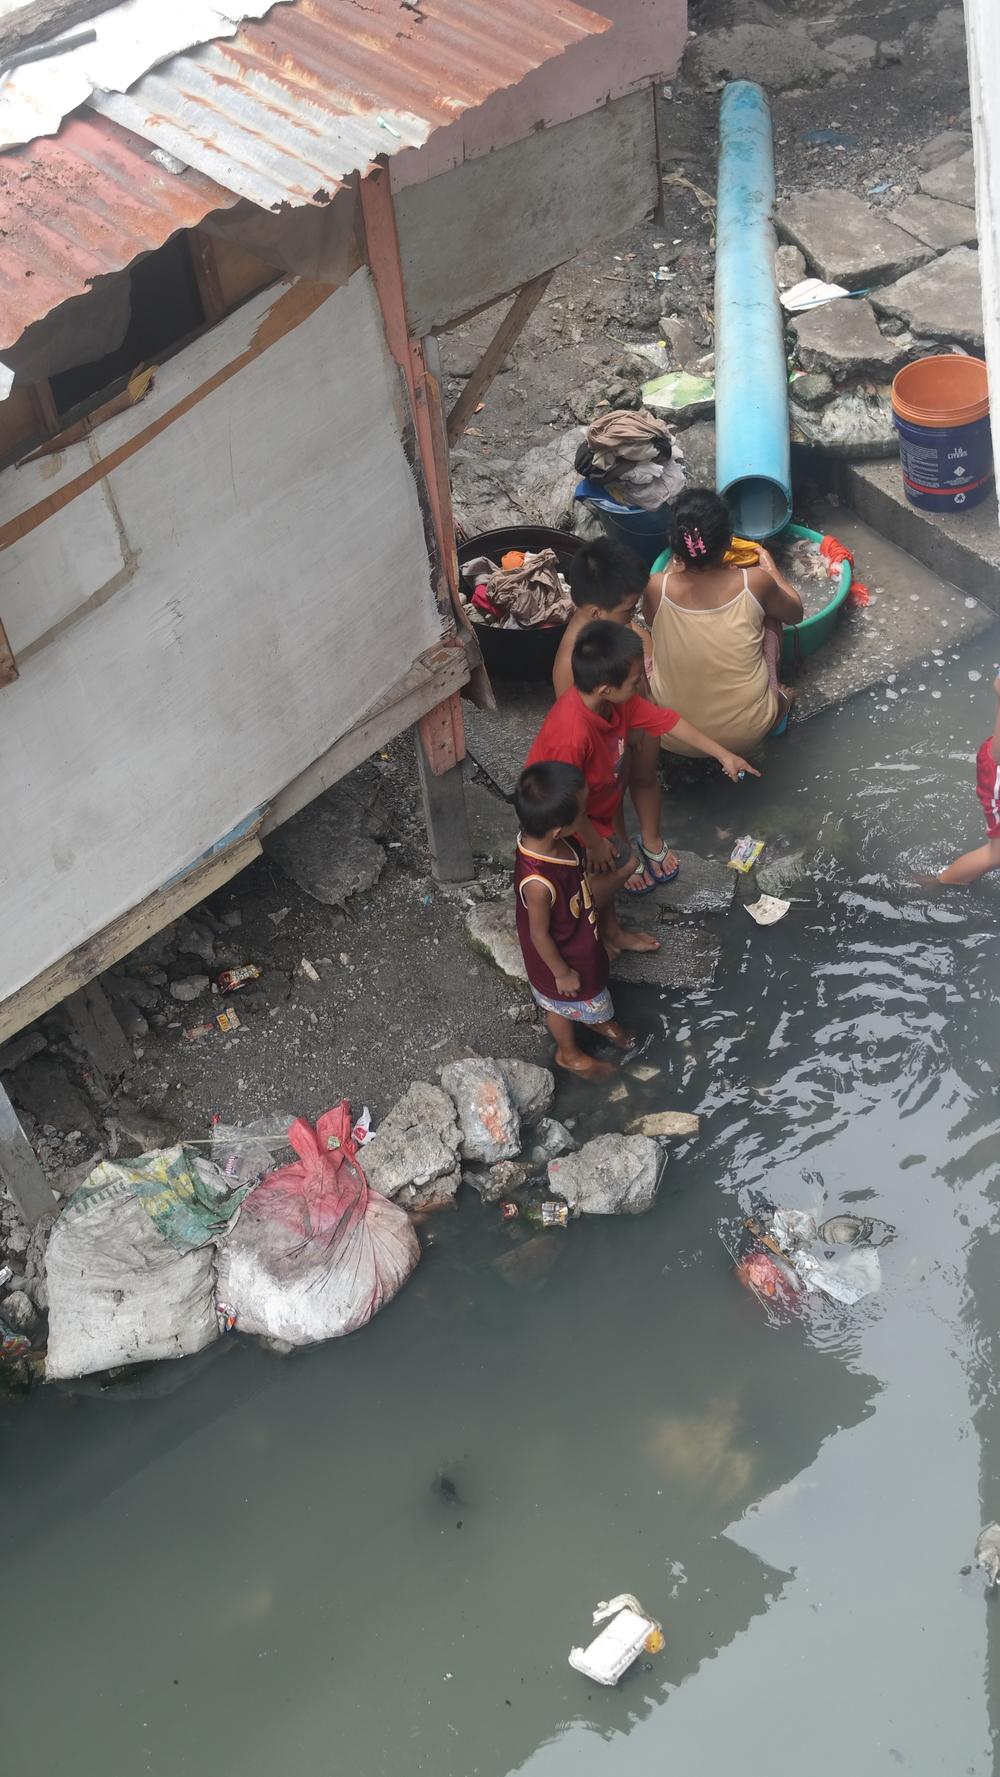 Yllä olevat kuvat ovat samasta joesta ja tässä kuvassa perheen äiti pesee vaatteitaan ja lapset leikkivät tässä joessa. Perheen koti on kuvassa näkyvä.